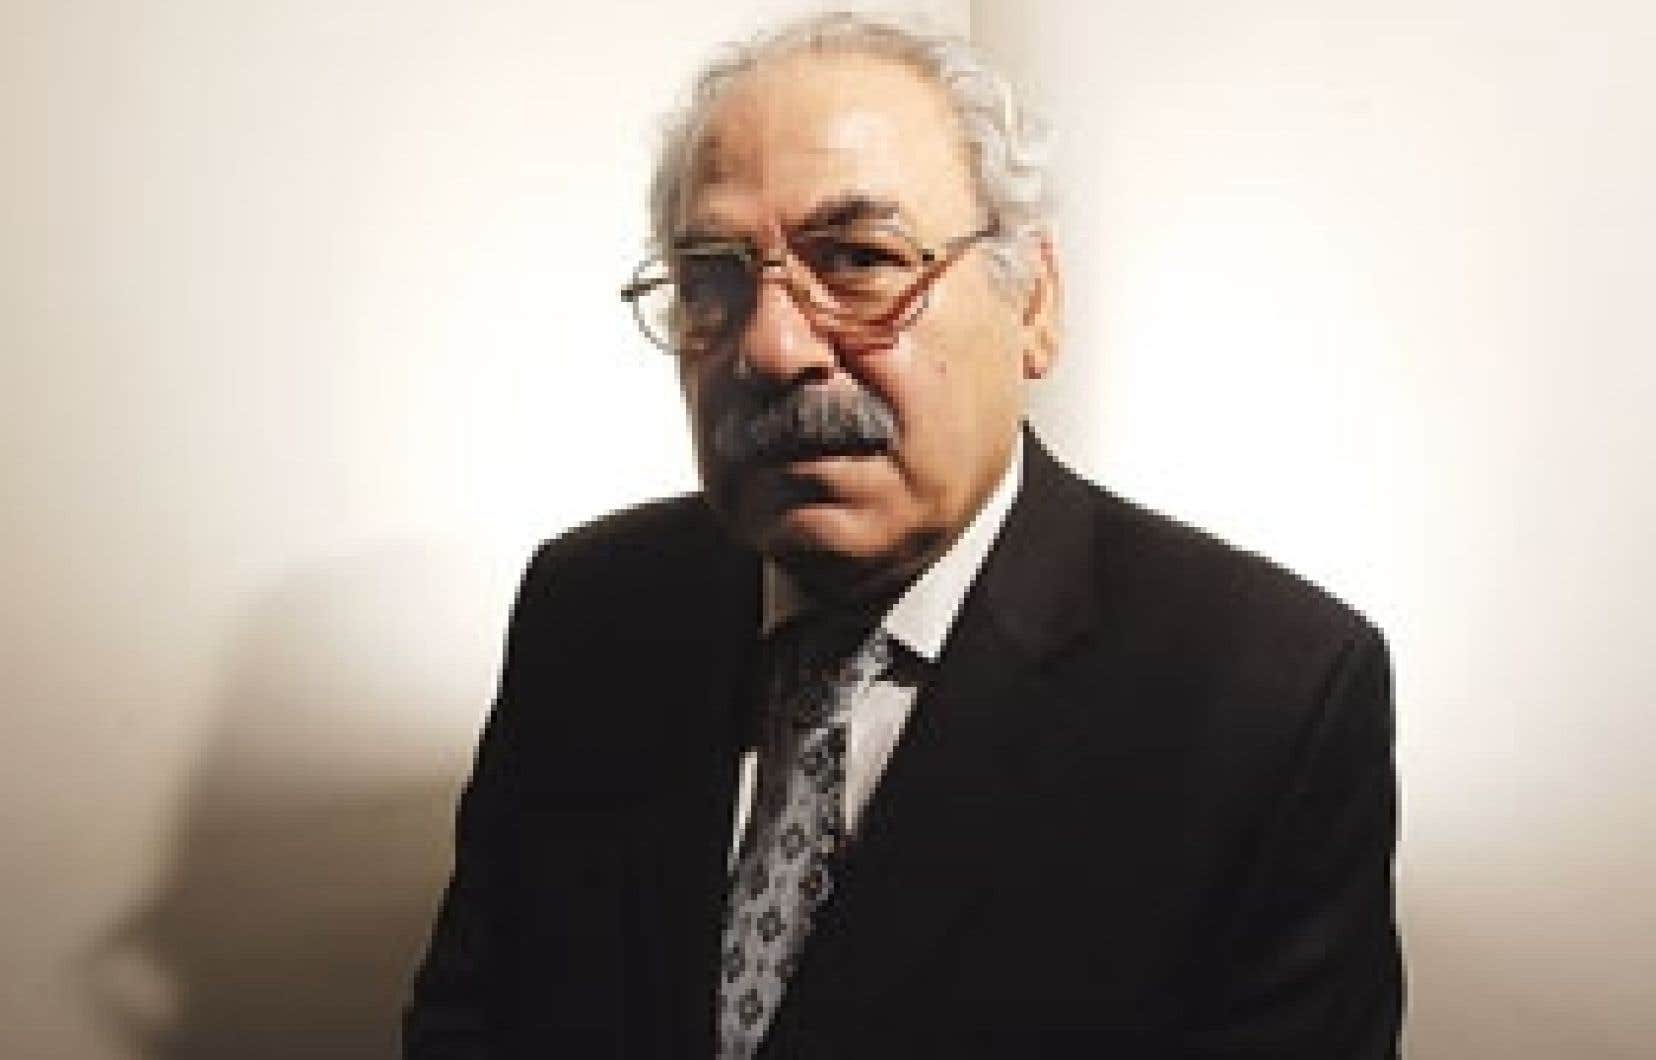 Le rêve d'indépendance n'a jamais été aussi fort au Kurdistan, affirme le ministre Falakaden Kakei.